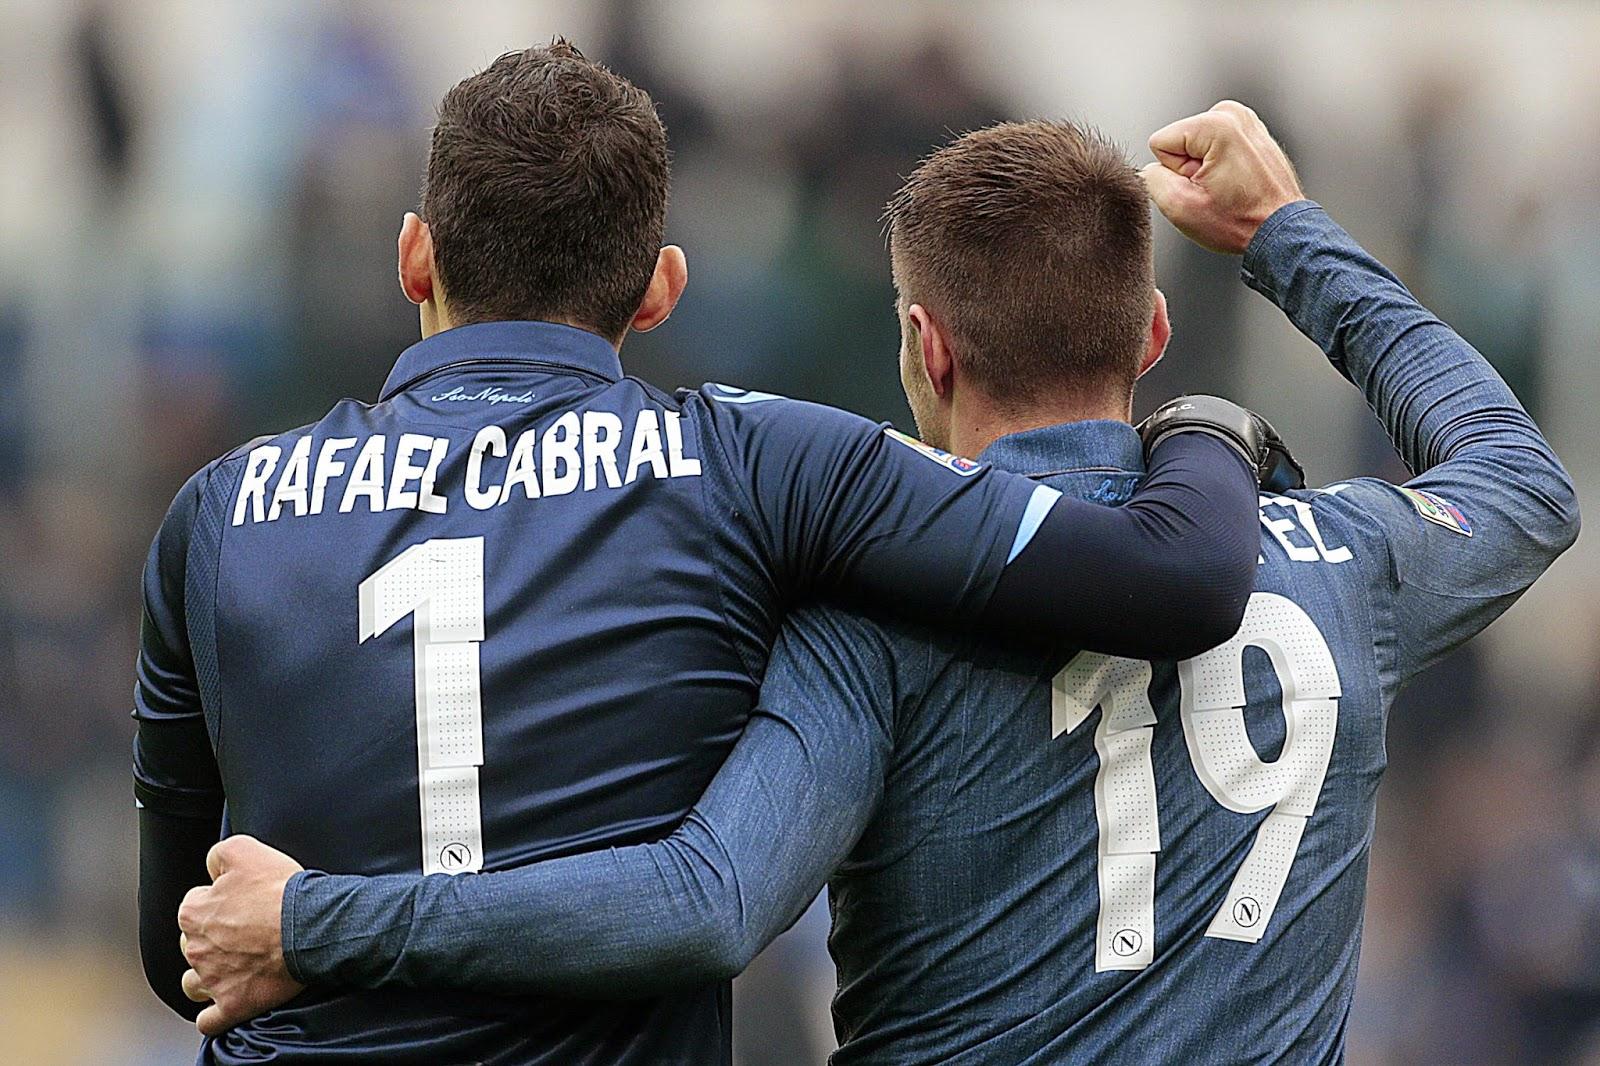 CALCIO Lazio-Napoli 0-1: perché l'arbitro Rizzoli non ha fatto cambiare maglia al portiere Rafael?